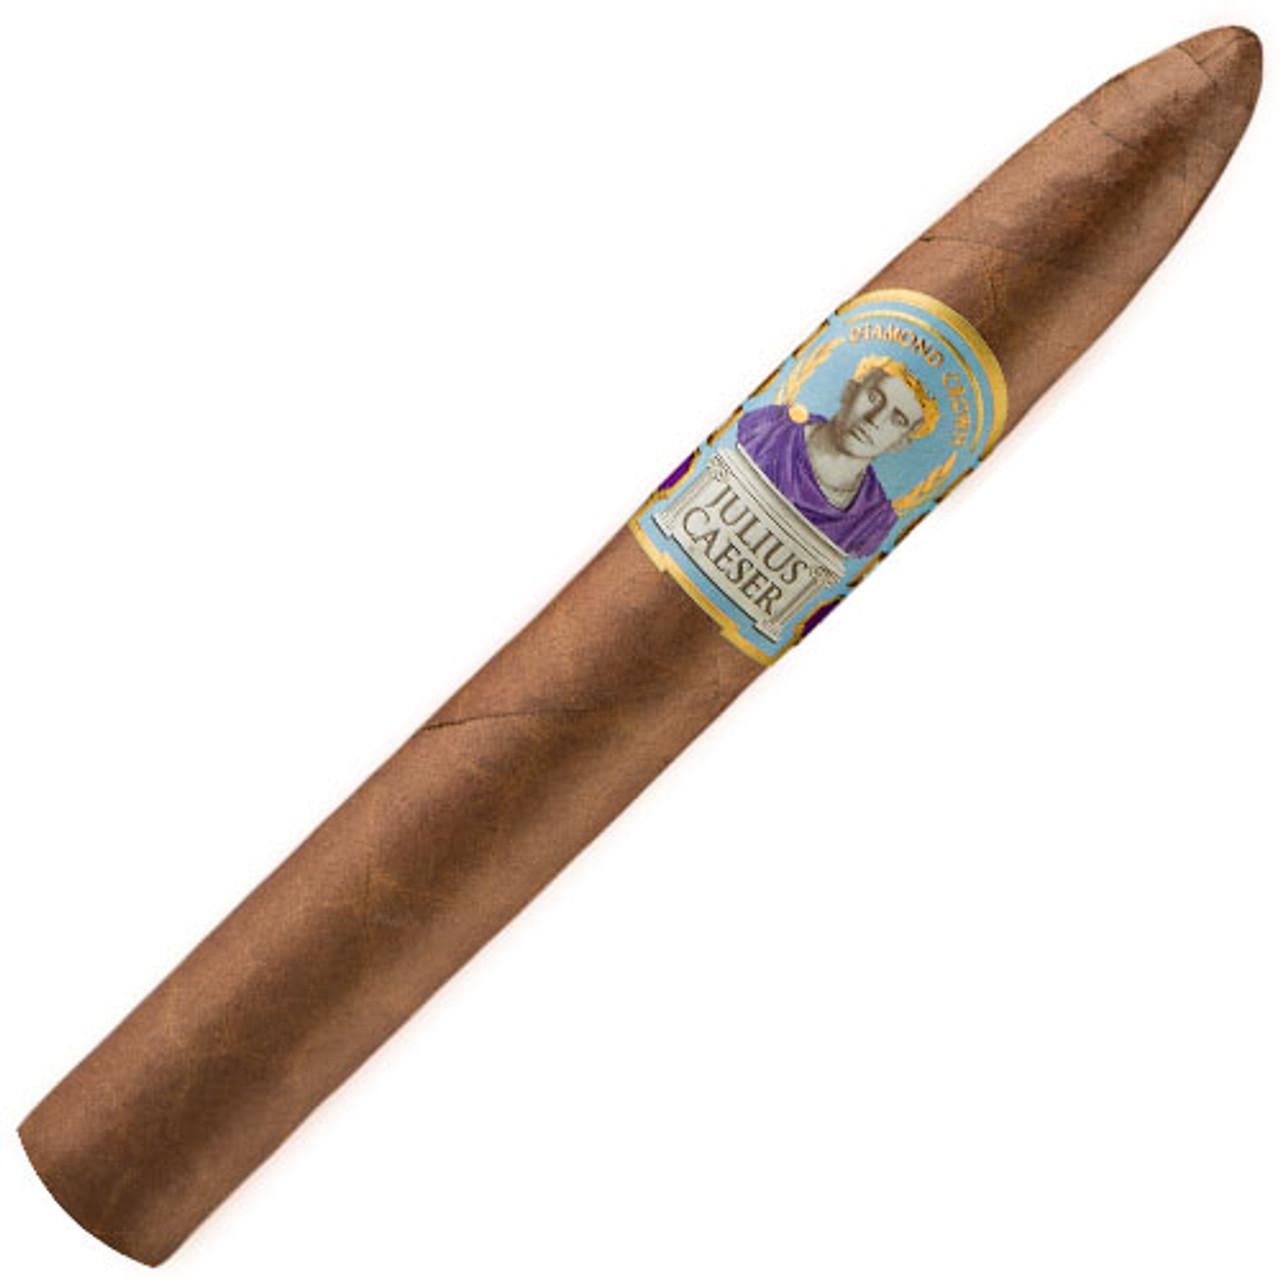 Diamond Crown Julius Caesar Pyramid Cigars - 6.5 x 52 (Box of 20)